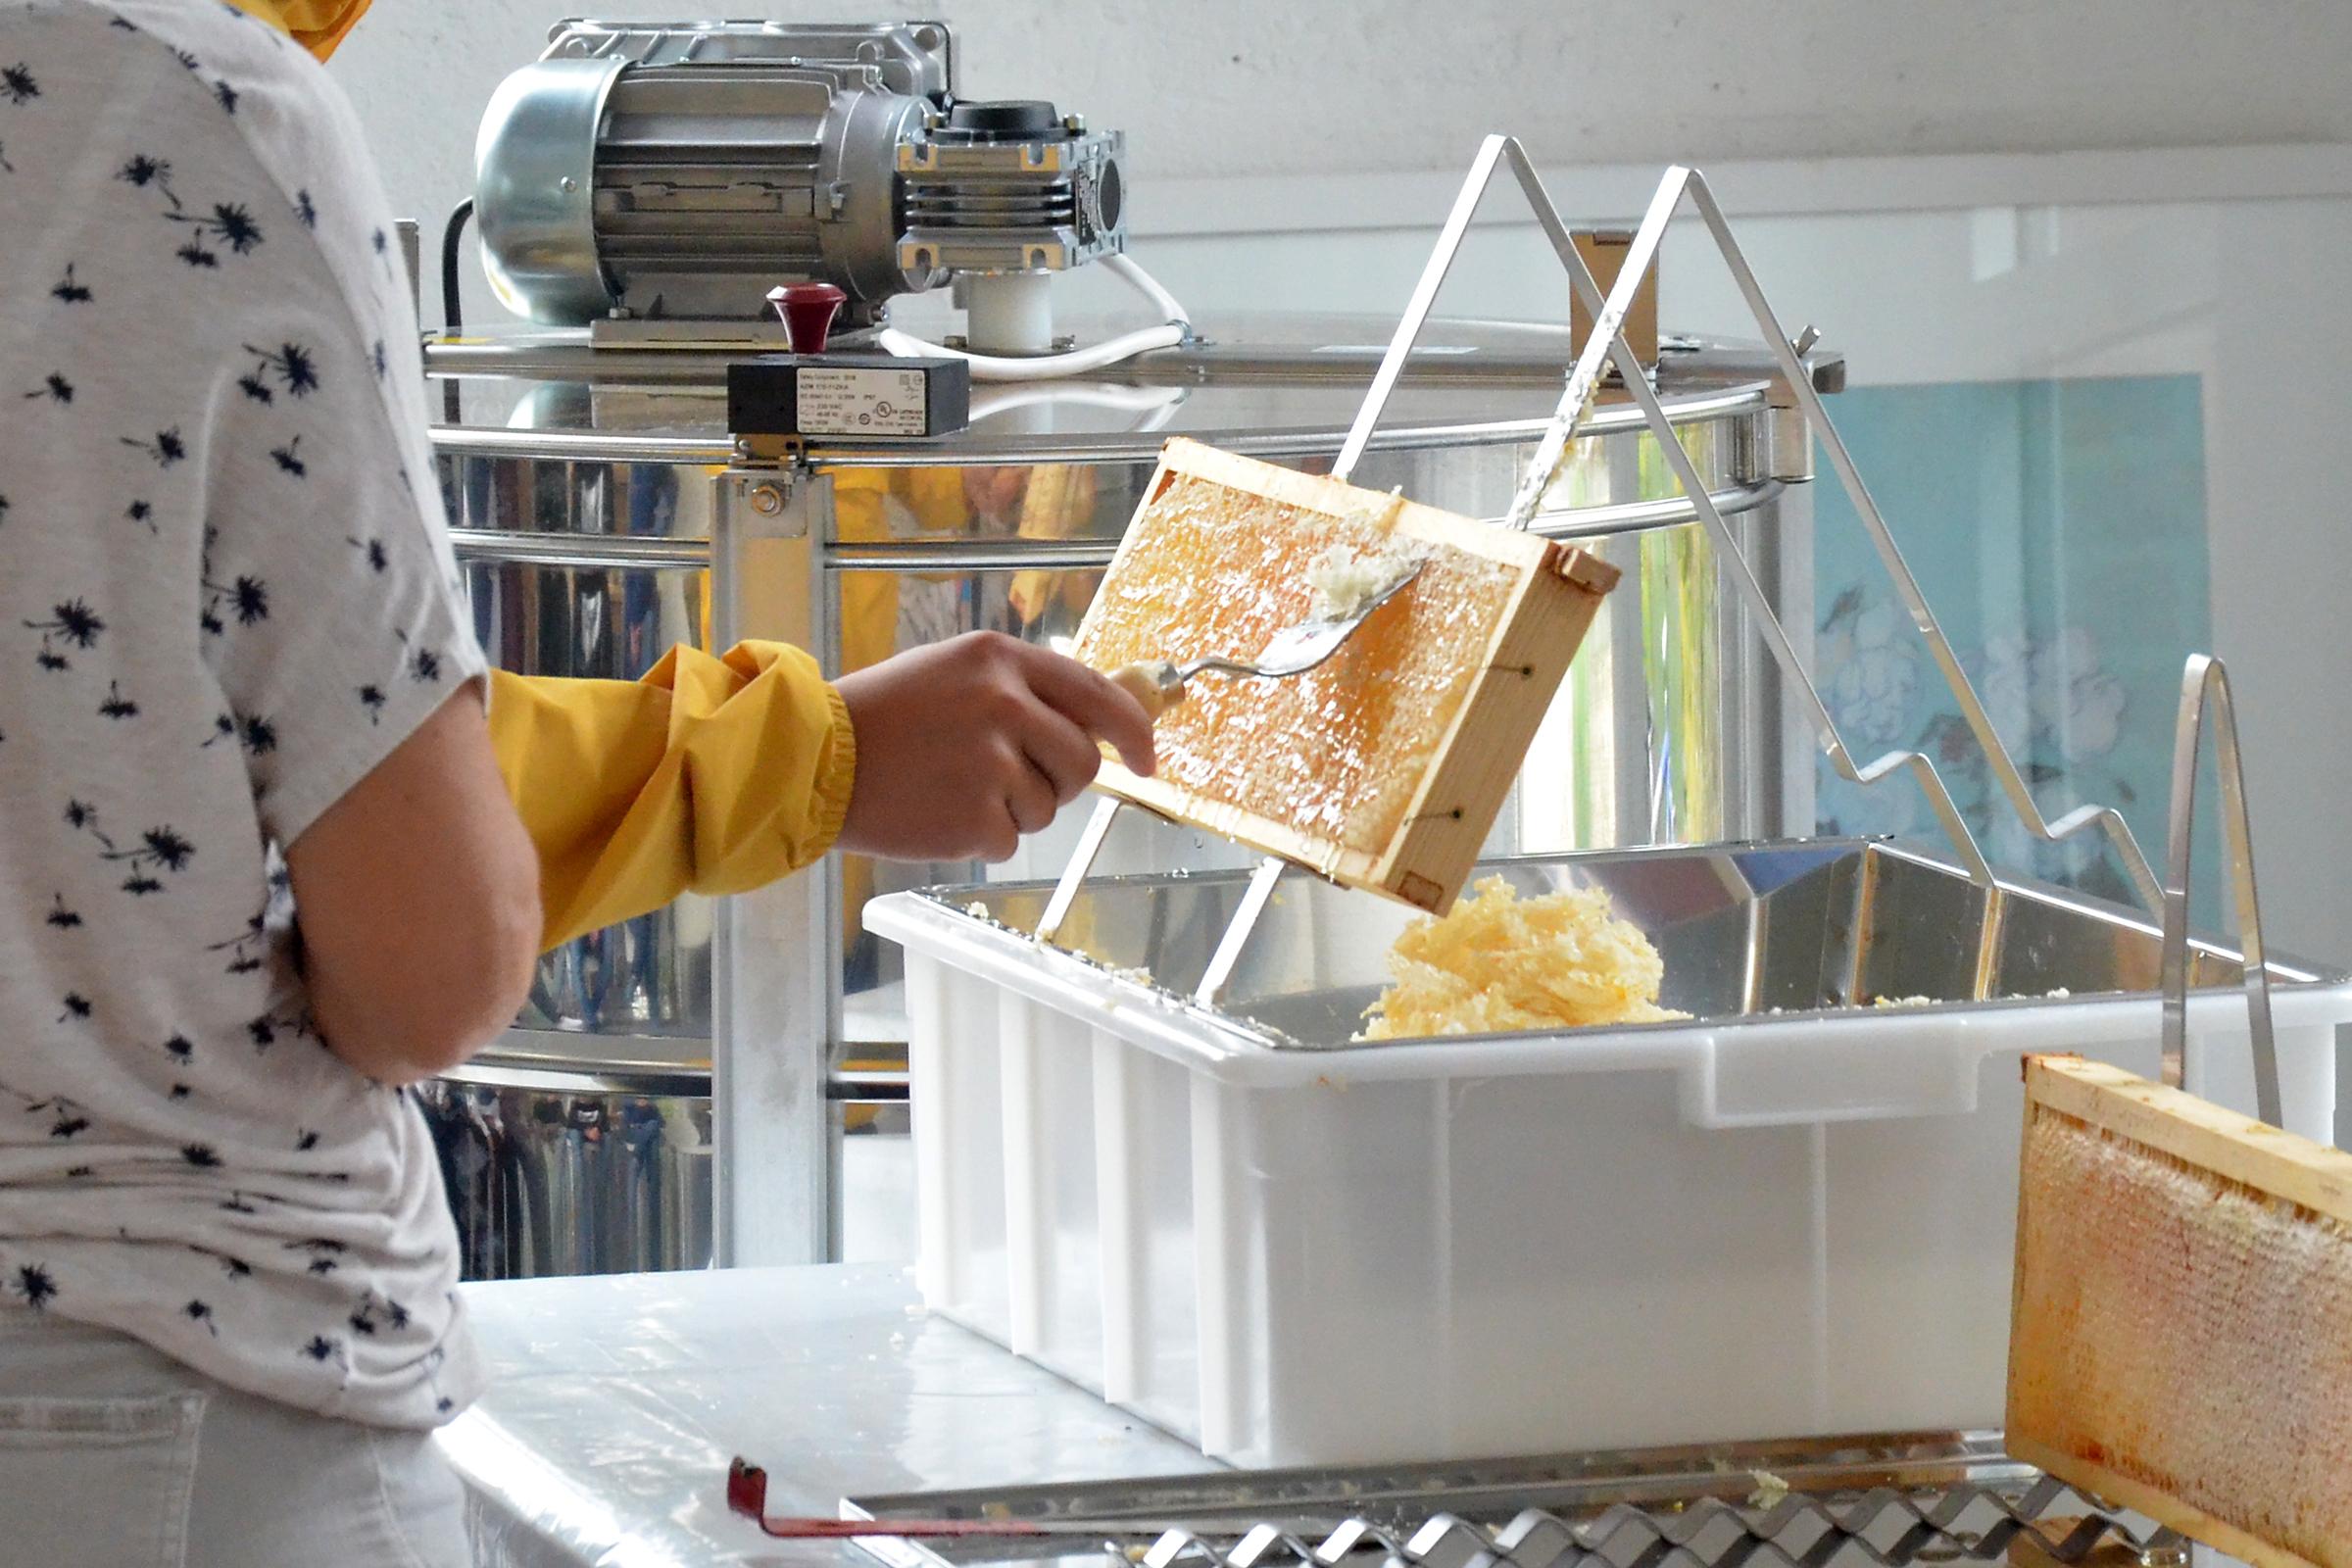 Honigwaben entdeckeln in der Imkerei Bienenhort Suderwich